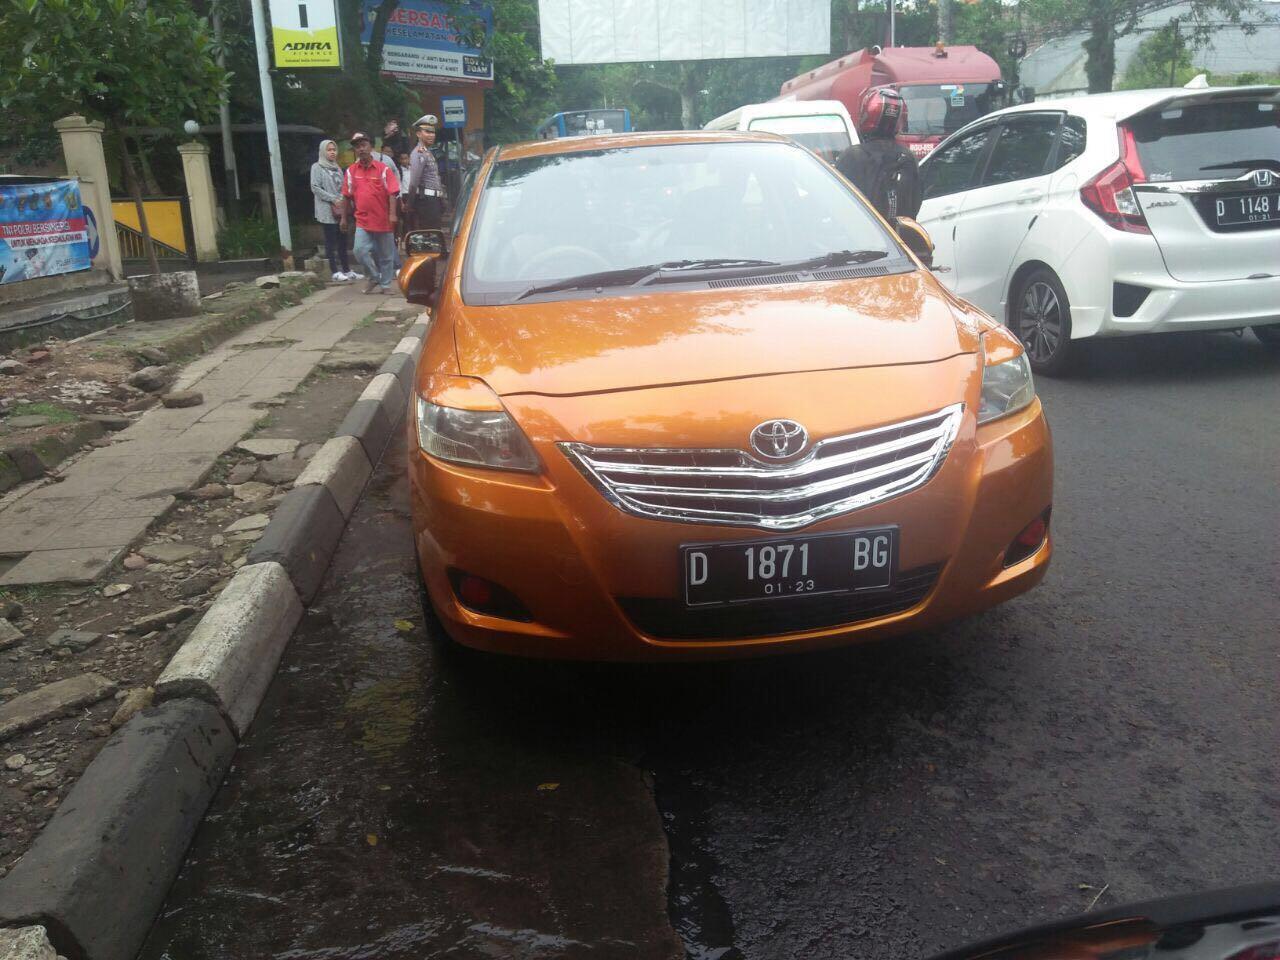 100 Pusat Modifikasi Mobil Bandung HD Terbaru